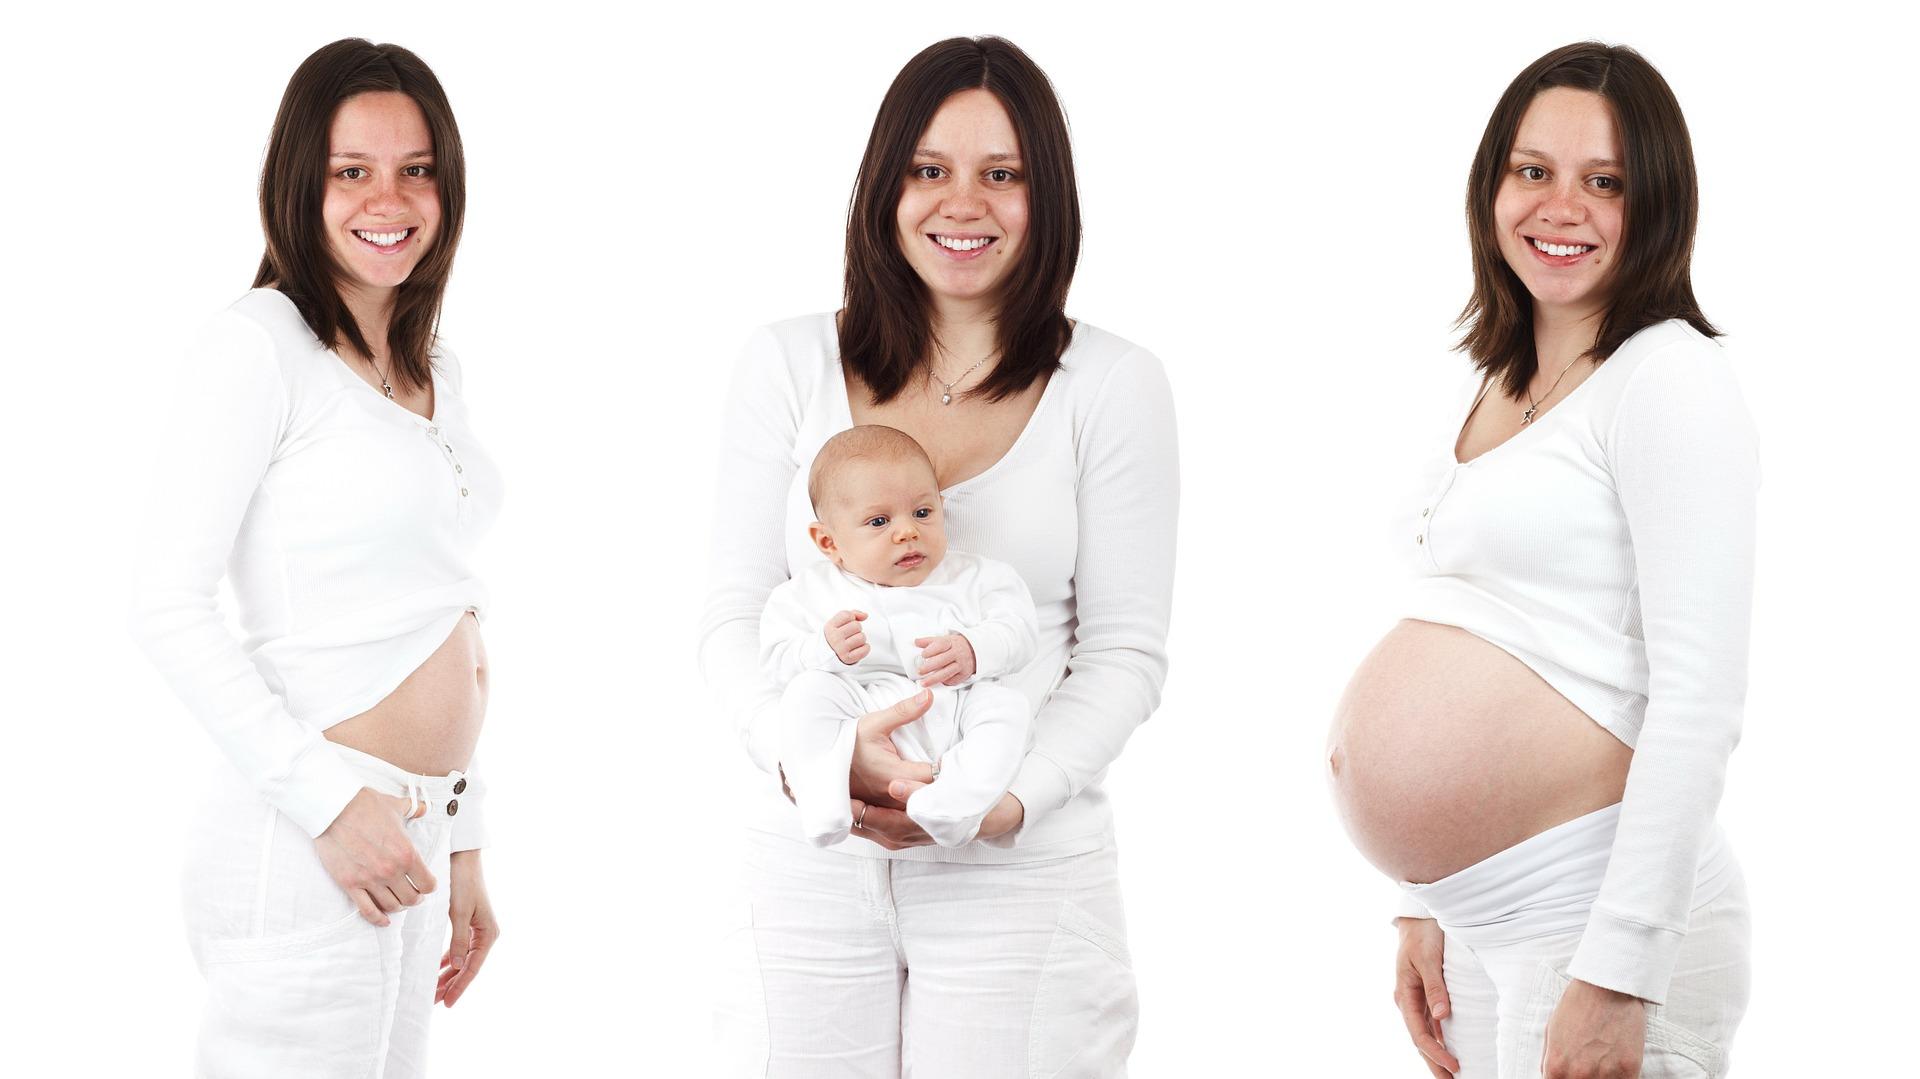 cykl:ciąża, poród, dziecko